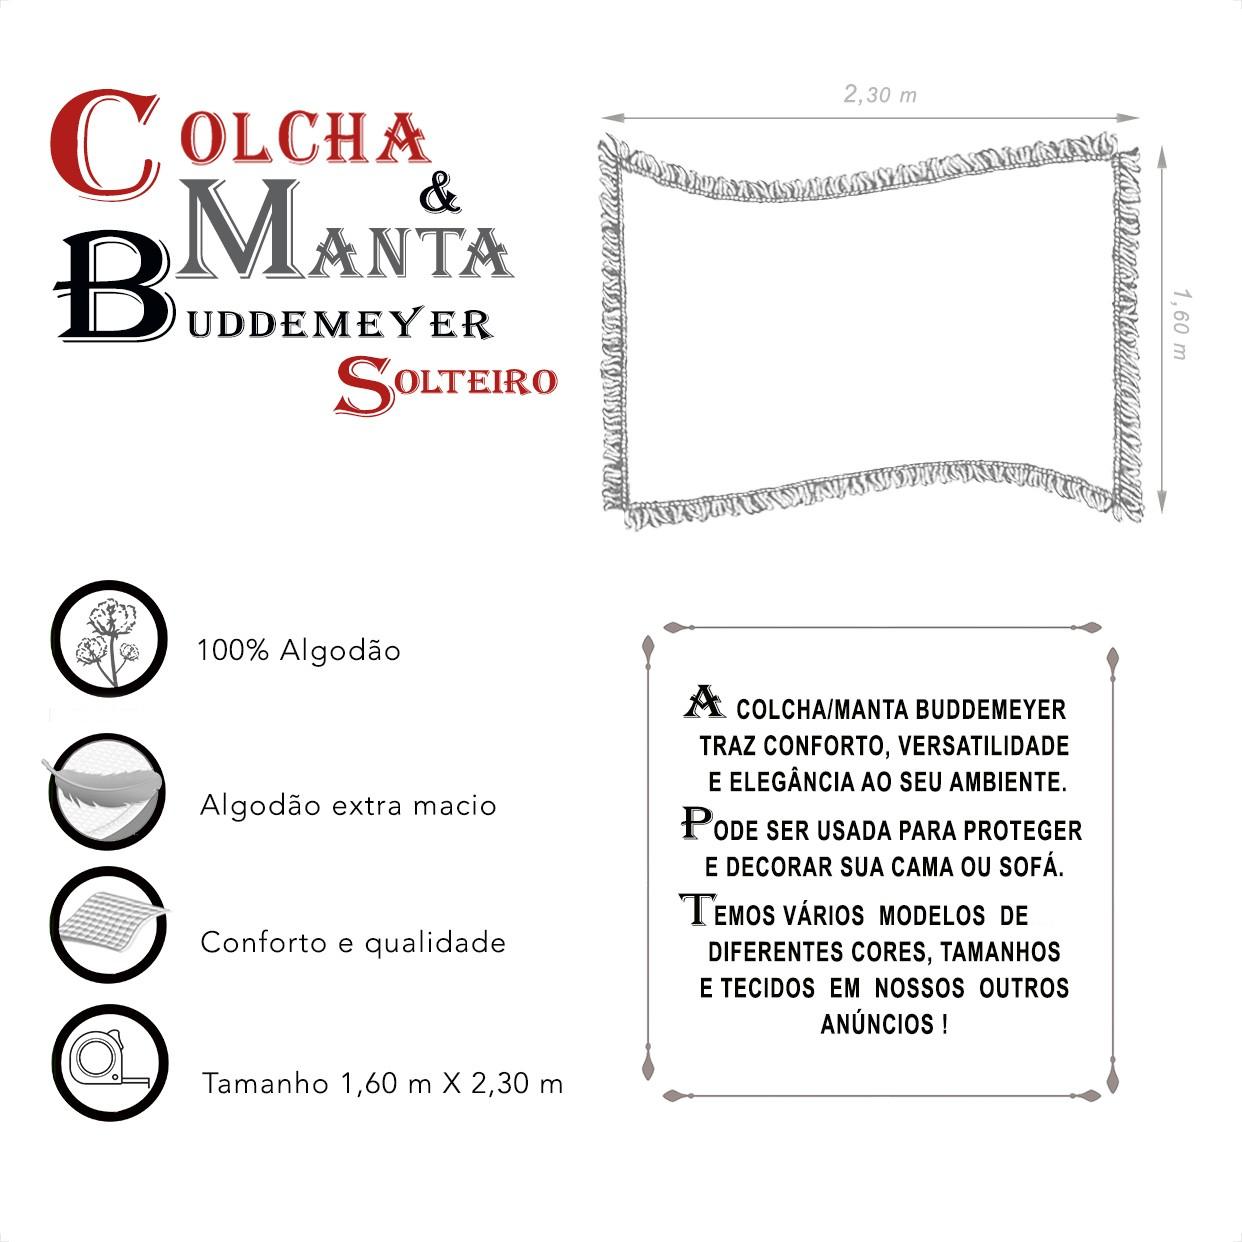 Manta e Colcha Buddemeyer Solteiro Goiaba 1,60m x 2,30m